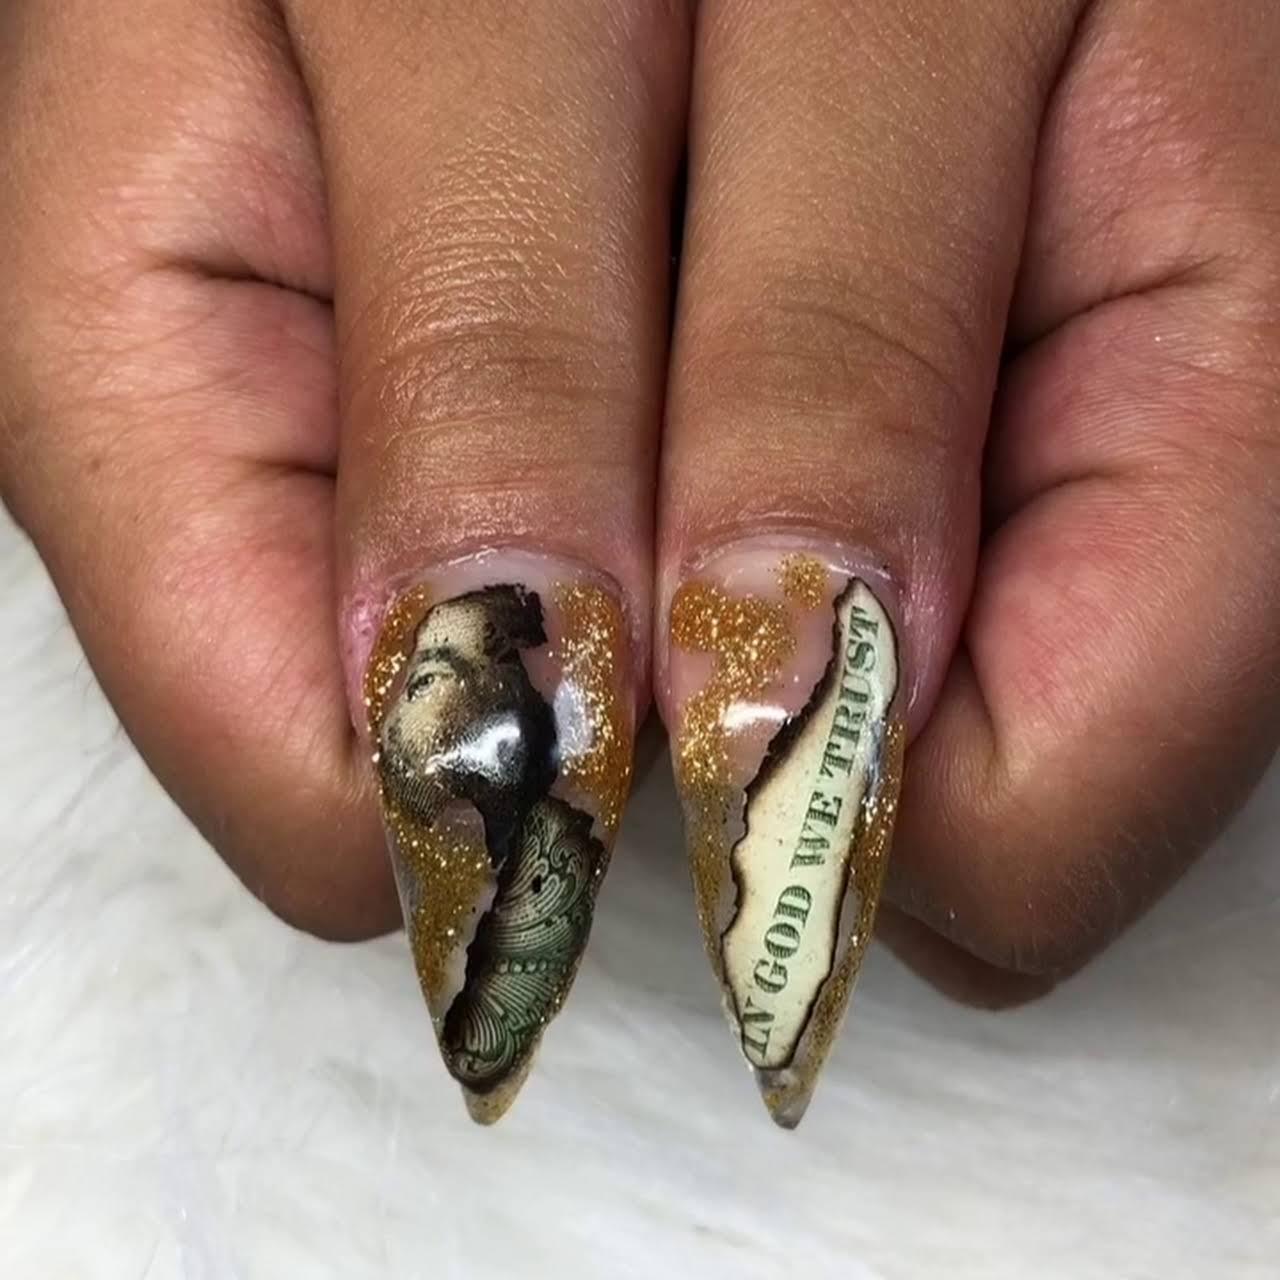 Grand LV Nails & Spa - Nail Salon in Mississauga